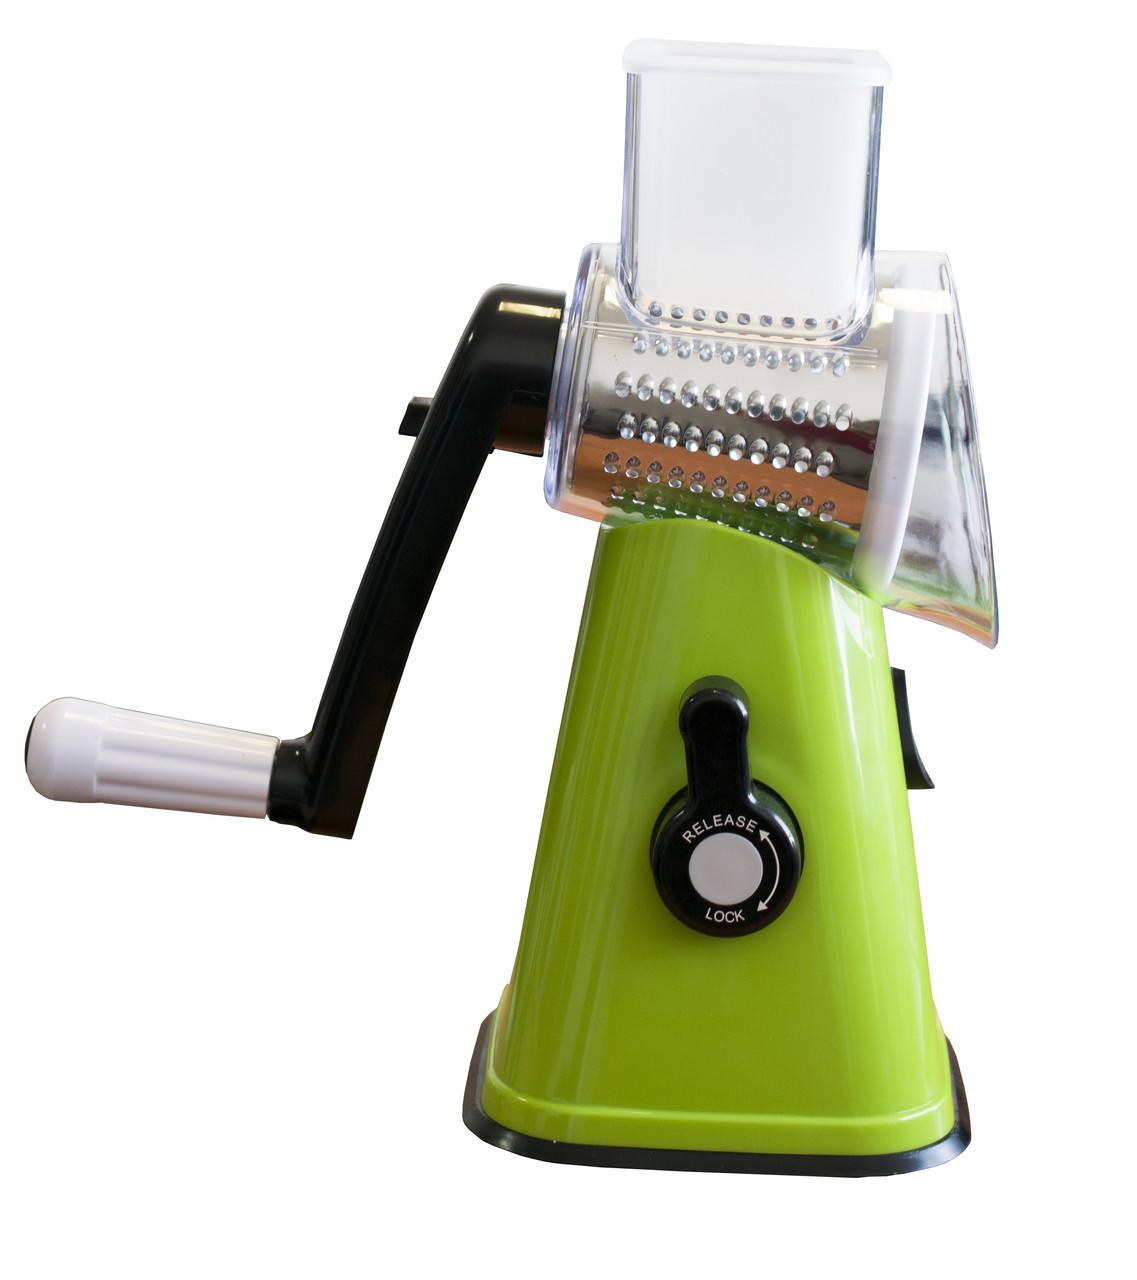 Мультислайсер, tabletop drum grater, цвет - зеленый, овощерезка ручная. Это надежный, измельчитель